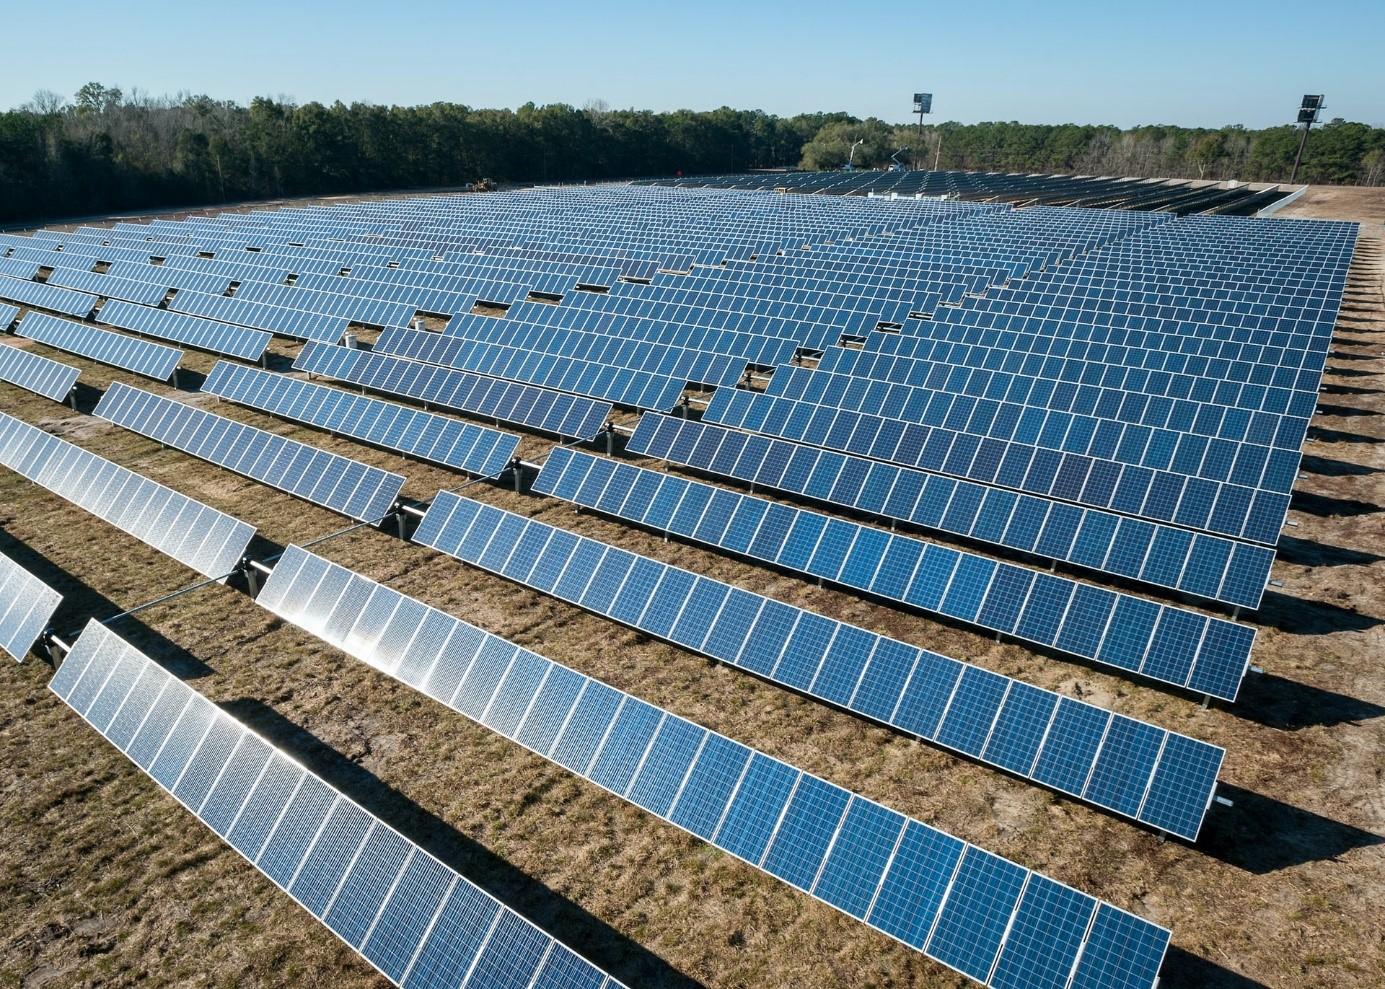 TANN ETF kommer att erbjuda exponering för den ständigt växande solindustrin som etablerar sig som världens största energikälla, nästa globala megatrend.